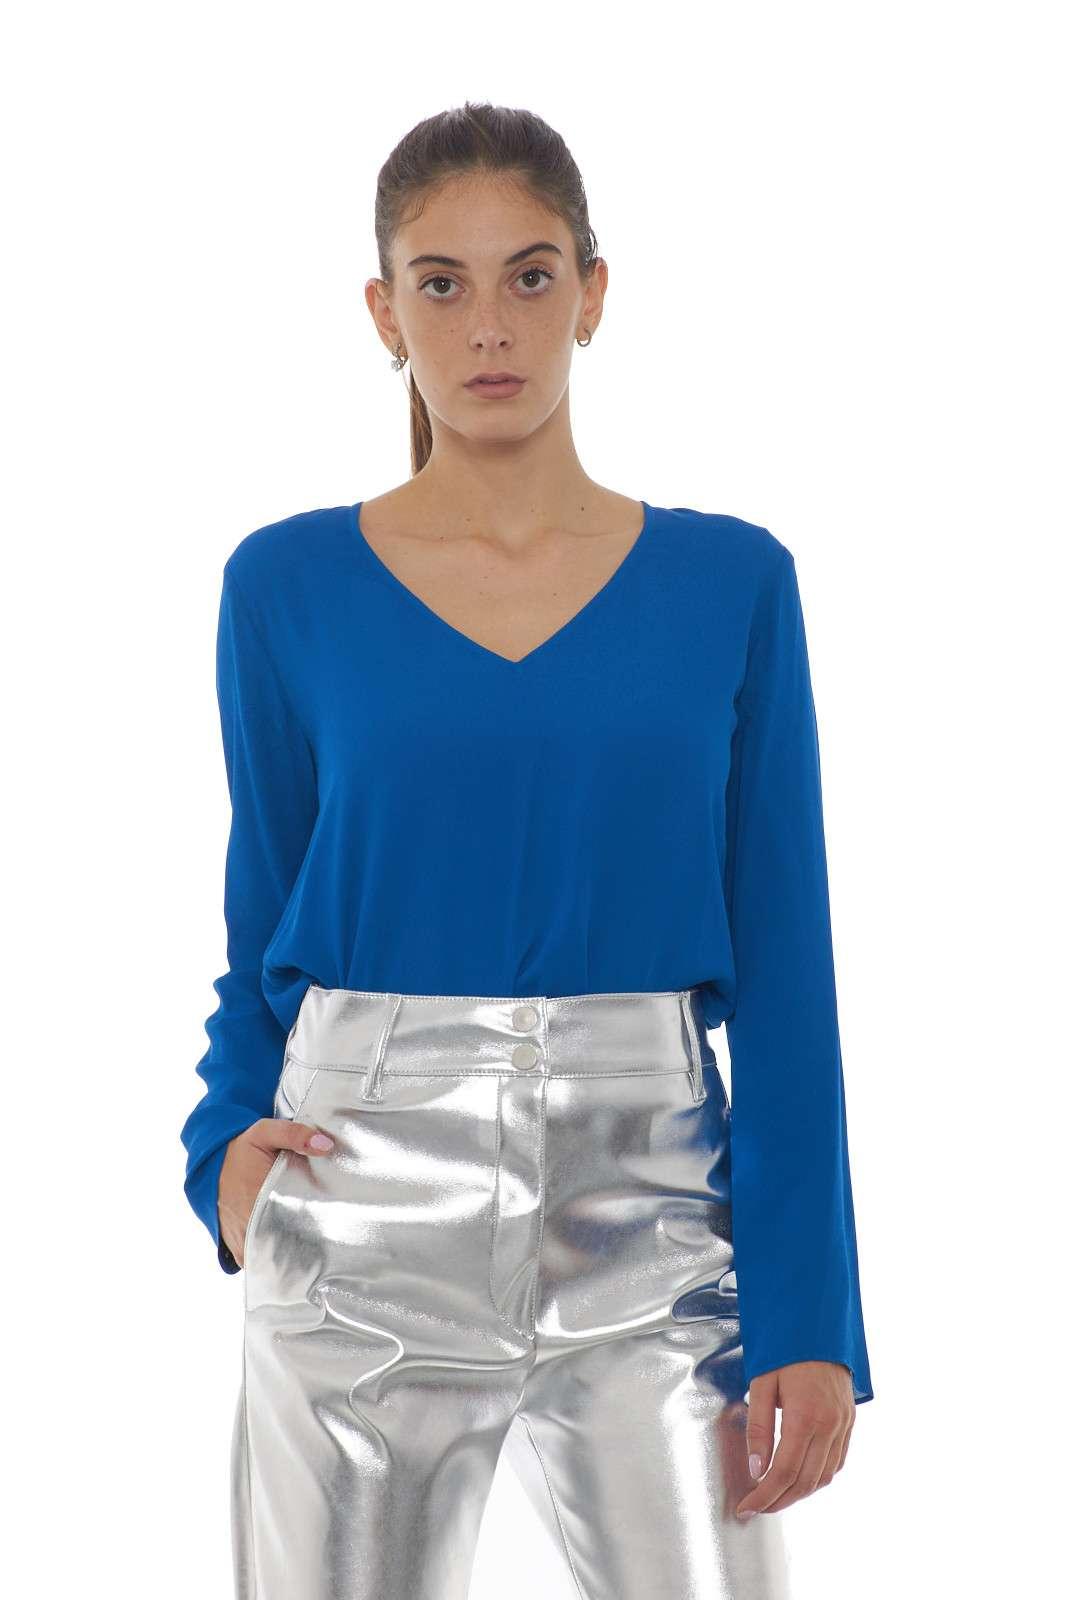 Una blusa in tessuto crepe versatile ed elegante la PRELUDERE firmata Pinko. Lo scollo a V e la vestibilità morbida ne esaltano lo stile e la rendono perfetta da utilizzarla come sotto giacca. Un capo dalla linea pulita ed elegante per un effetto chic.